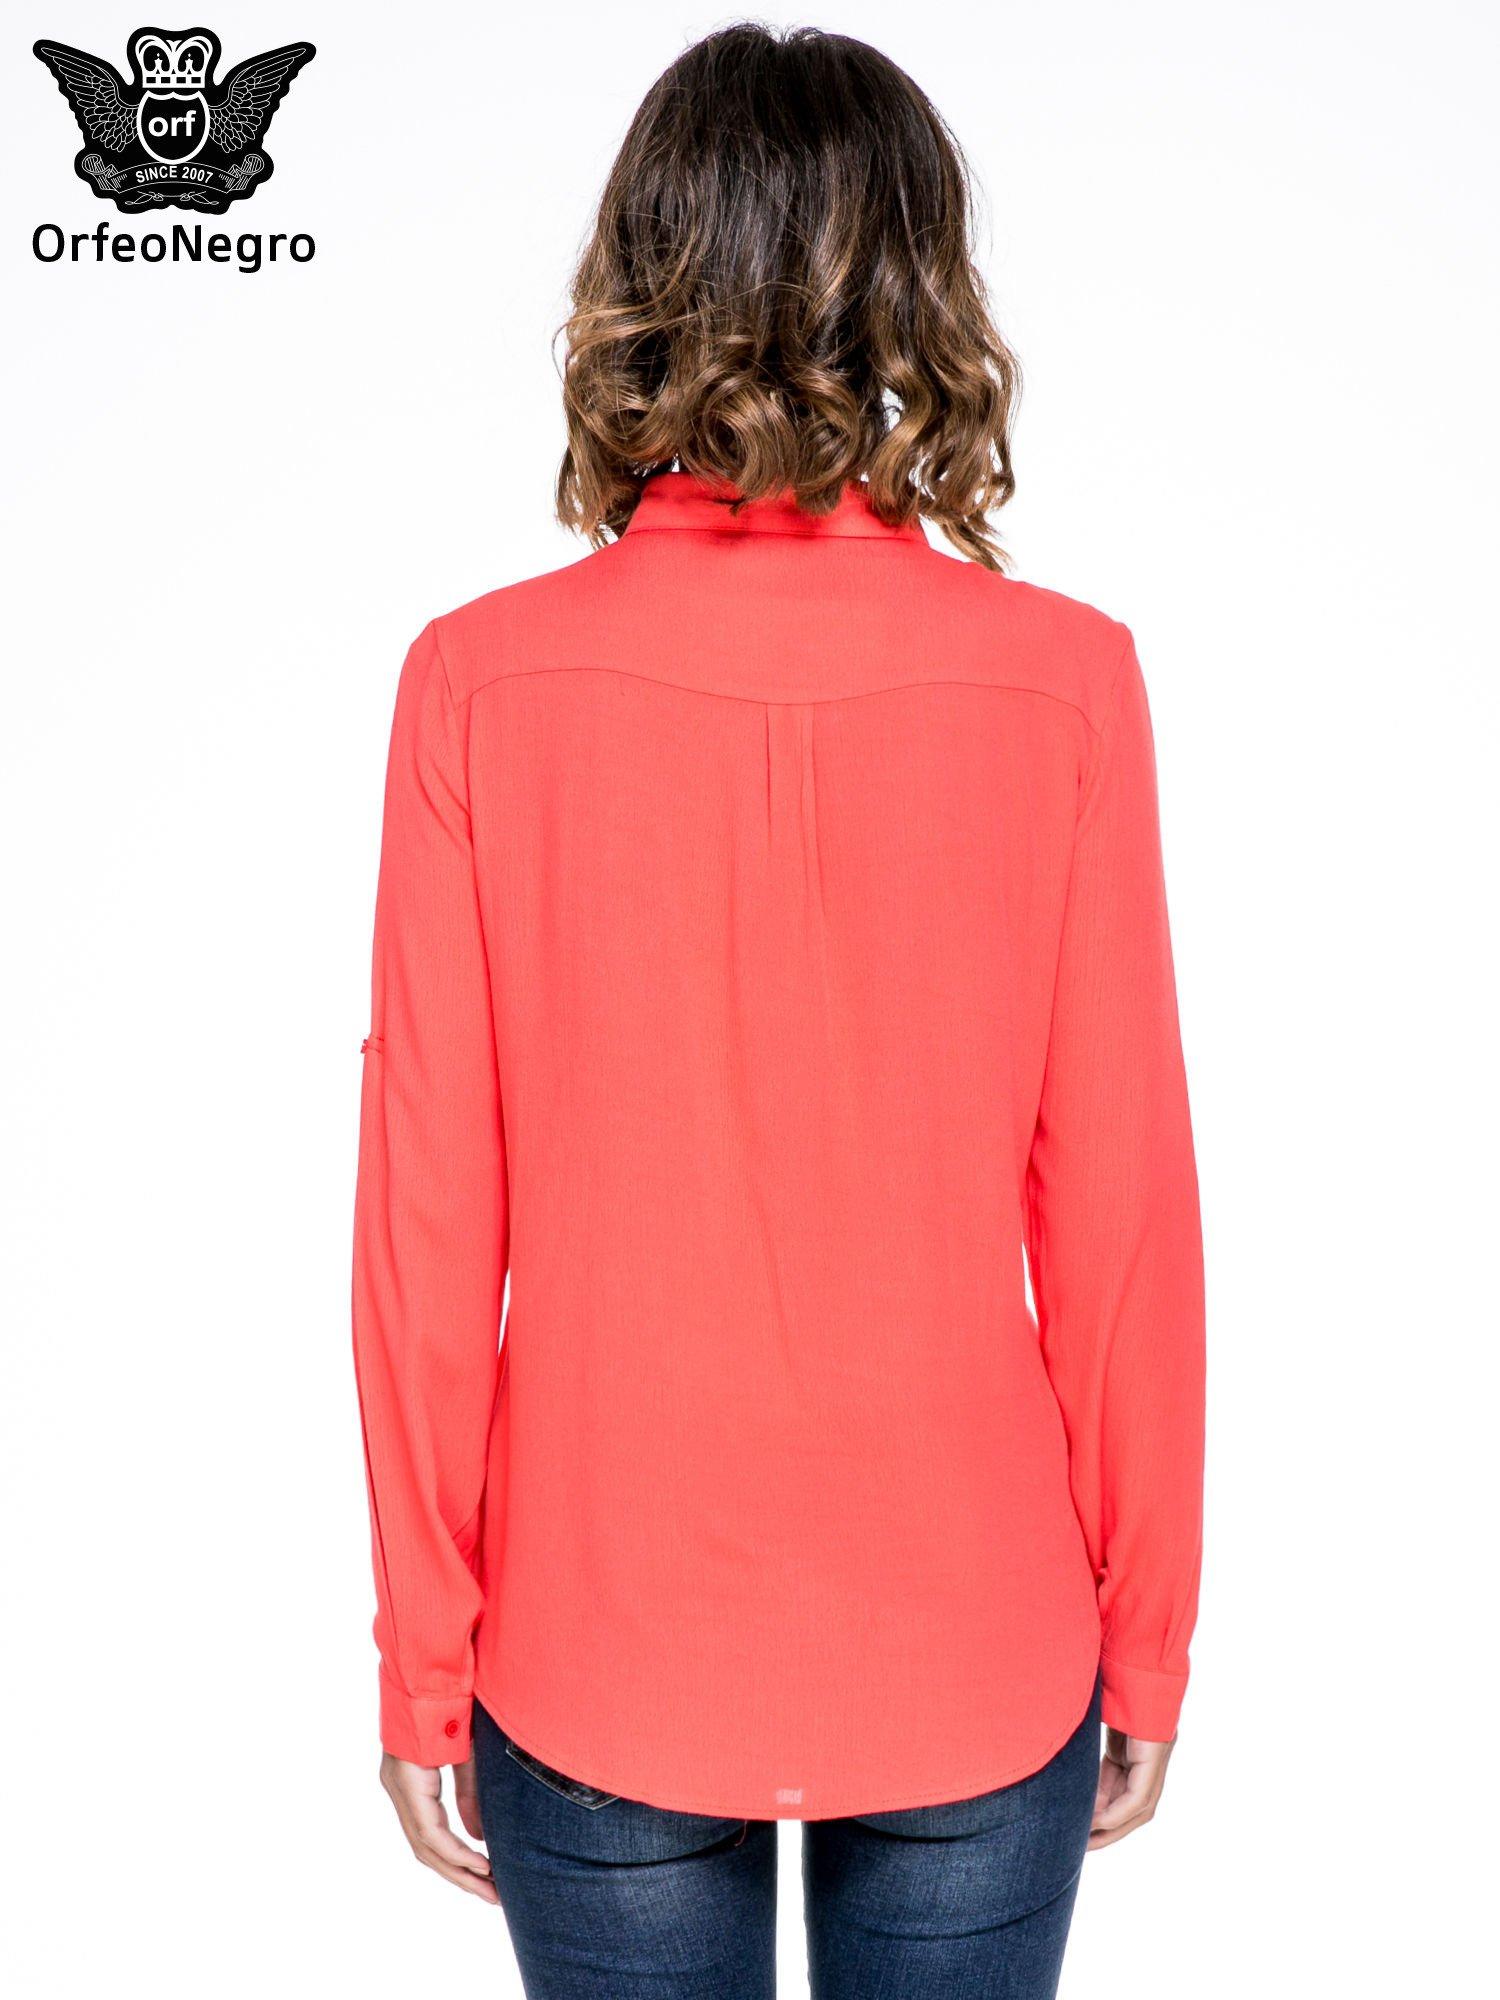 Koralowa koszula z biżuteryjnym kołnierzykiem i kieszonką                                  zdj.                                  2